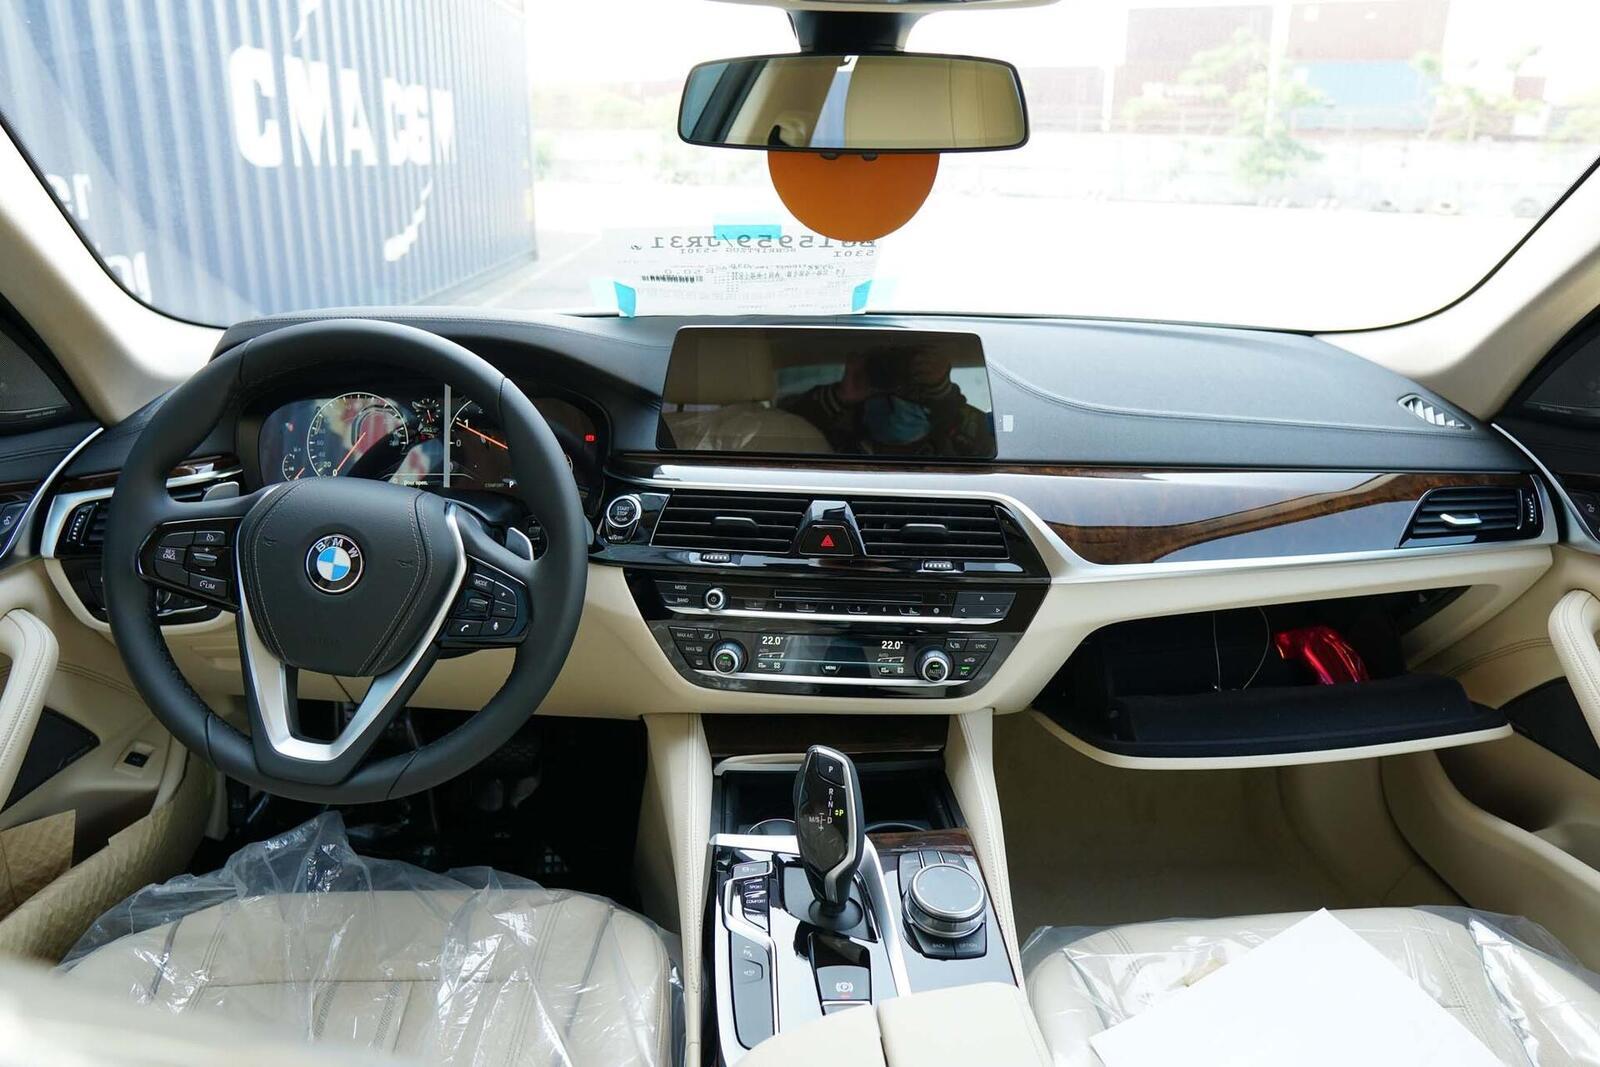 Cận cảnh BMW 5-Series mới (G30) vừa cập cảng tại Việt Nam - Hình 12